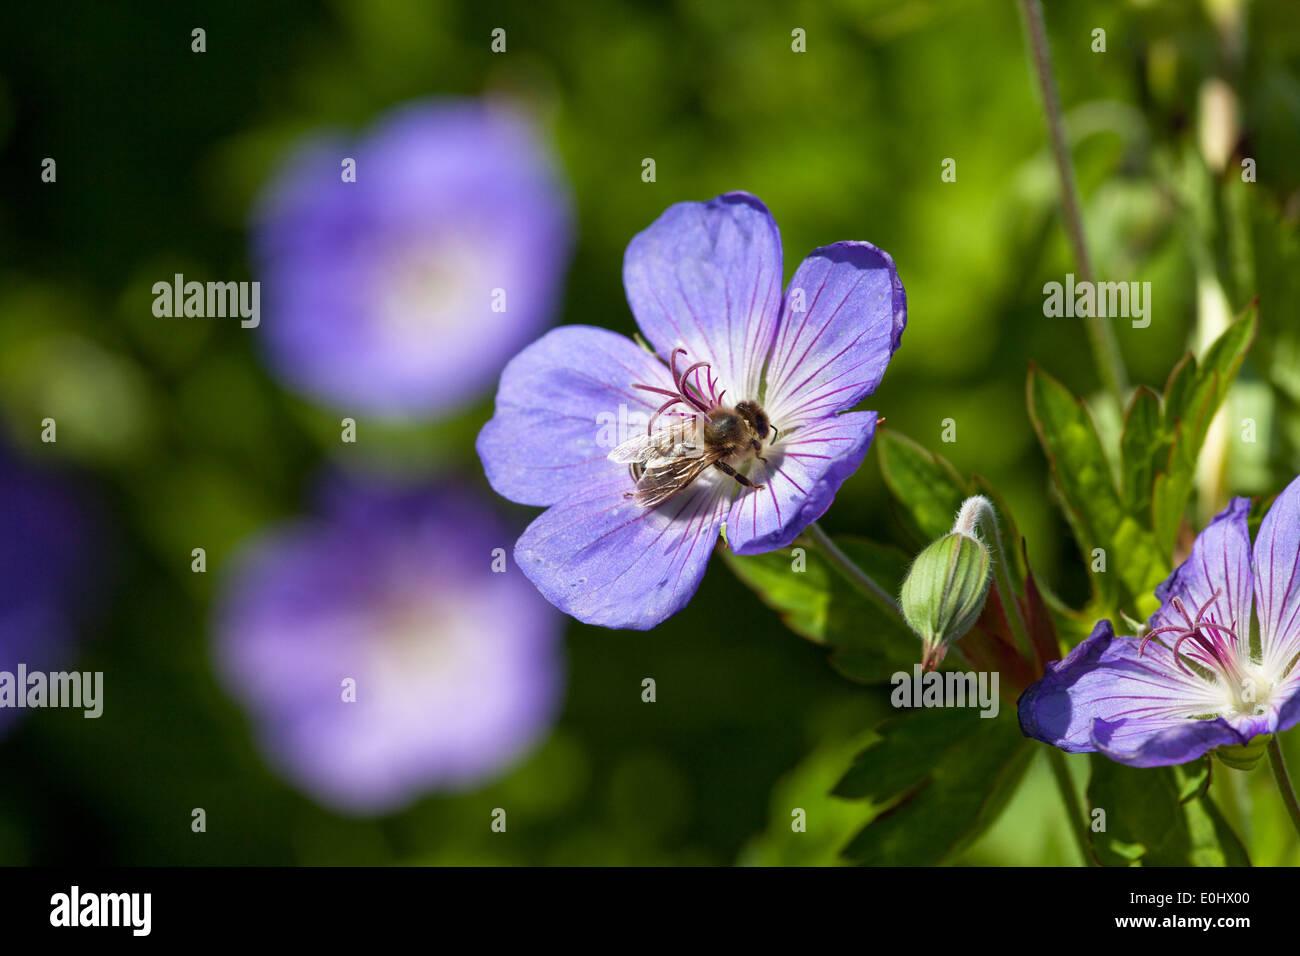 Storchschnabel, Geranie, (Geranium wlassovianum), DIE GARTEN TULLN 2009 - Geranium, (Geranium wlassovianum) - Stock Image